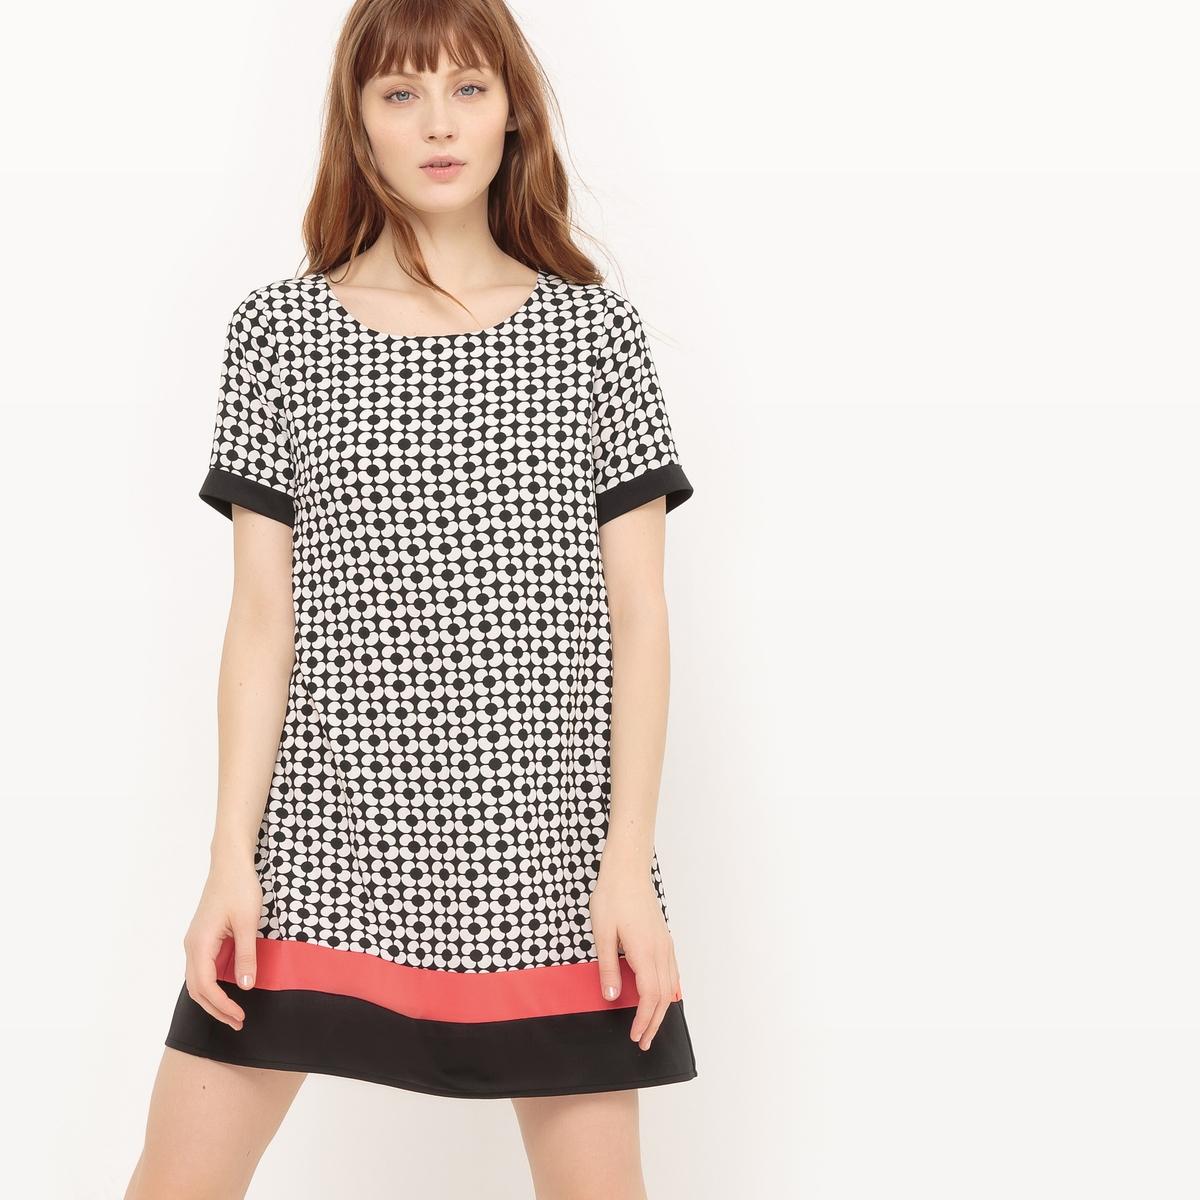 Платье прямое с короткими рукавами и графичным рисункомМатериал : 3% эластана, 97% полиэстера.  Длина рукава : Короткие рукава  Форма воротника : Круглый вырез Покрой платья : платье прямого покроя  Рисунок : графичный  Длина платья : короткое.<br><br>Цвет: рисунок черный